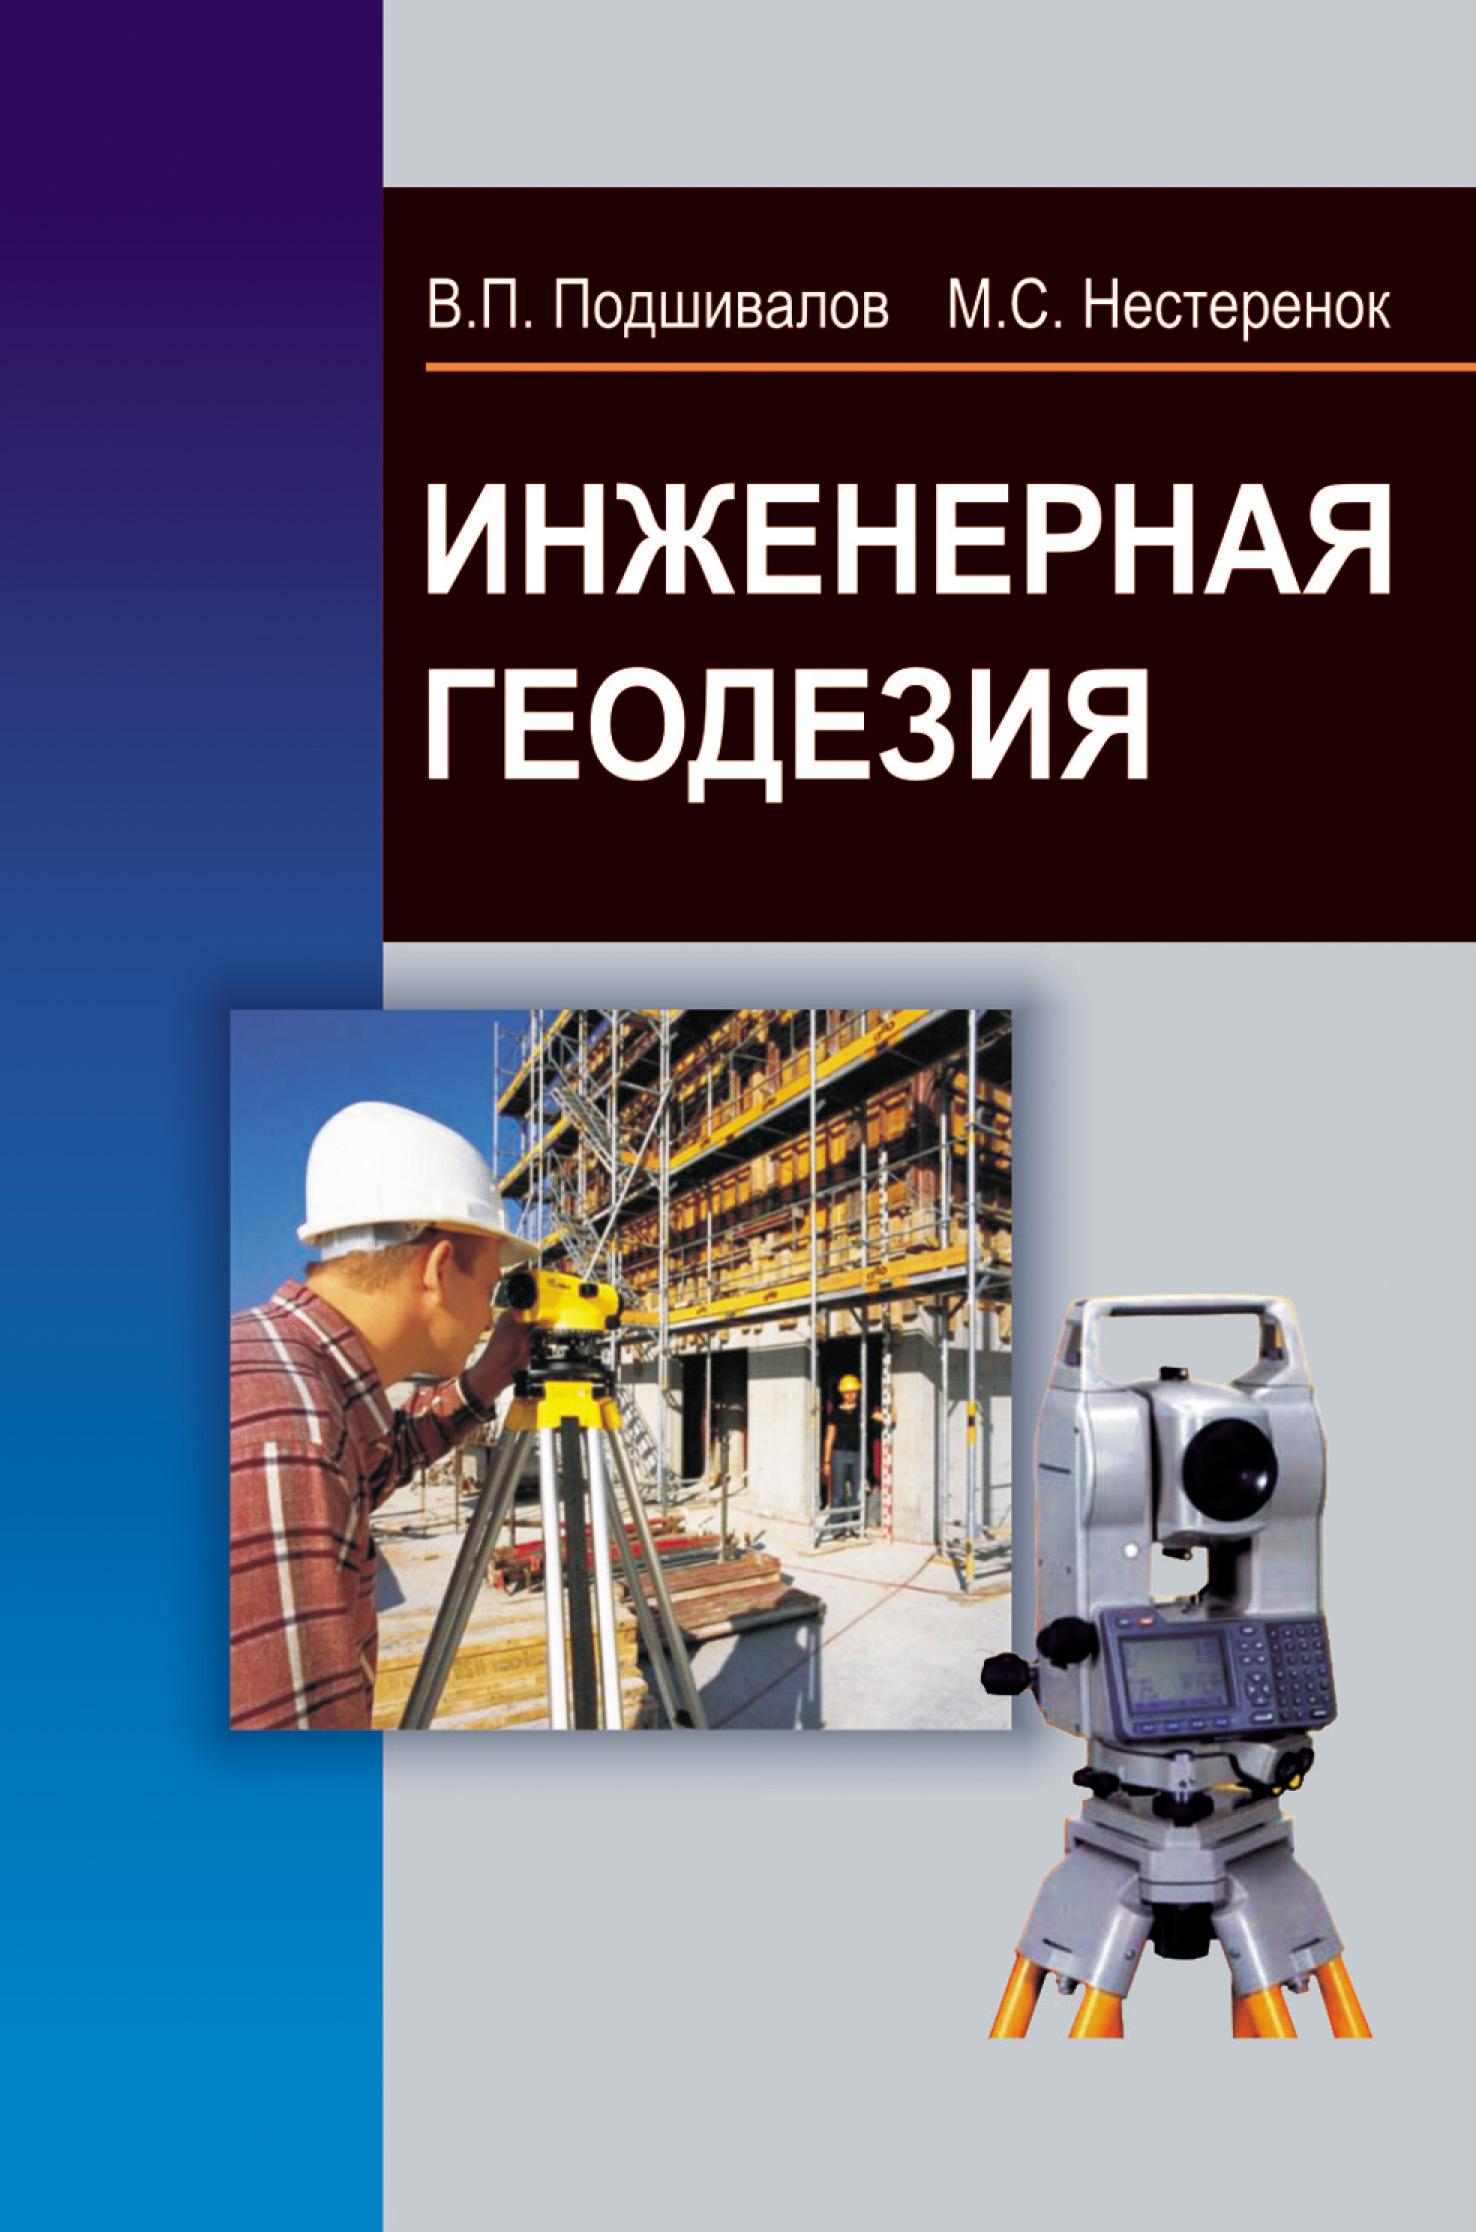 М. С. Нестеренок Инженерная геодезия цена